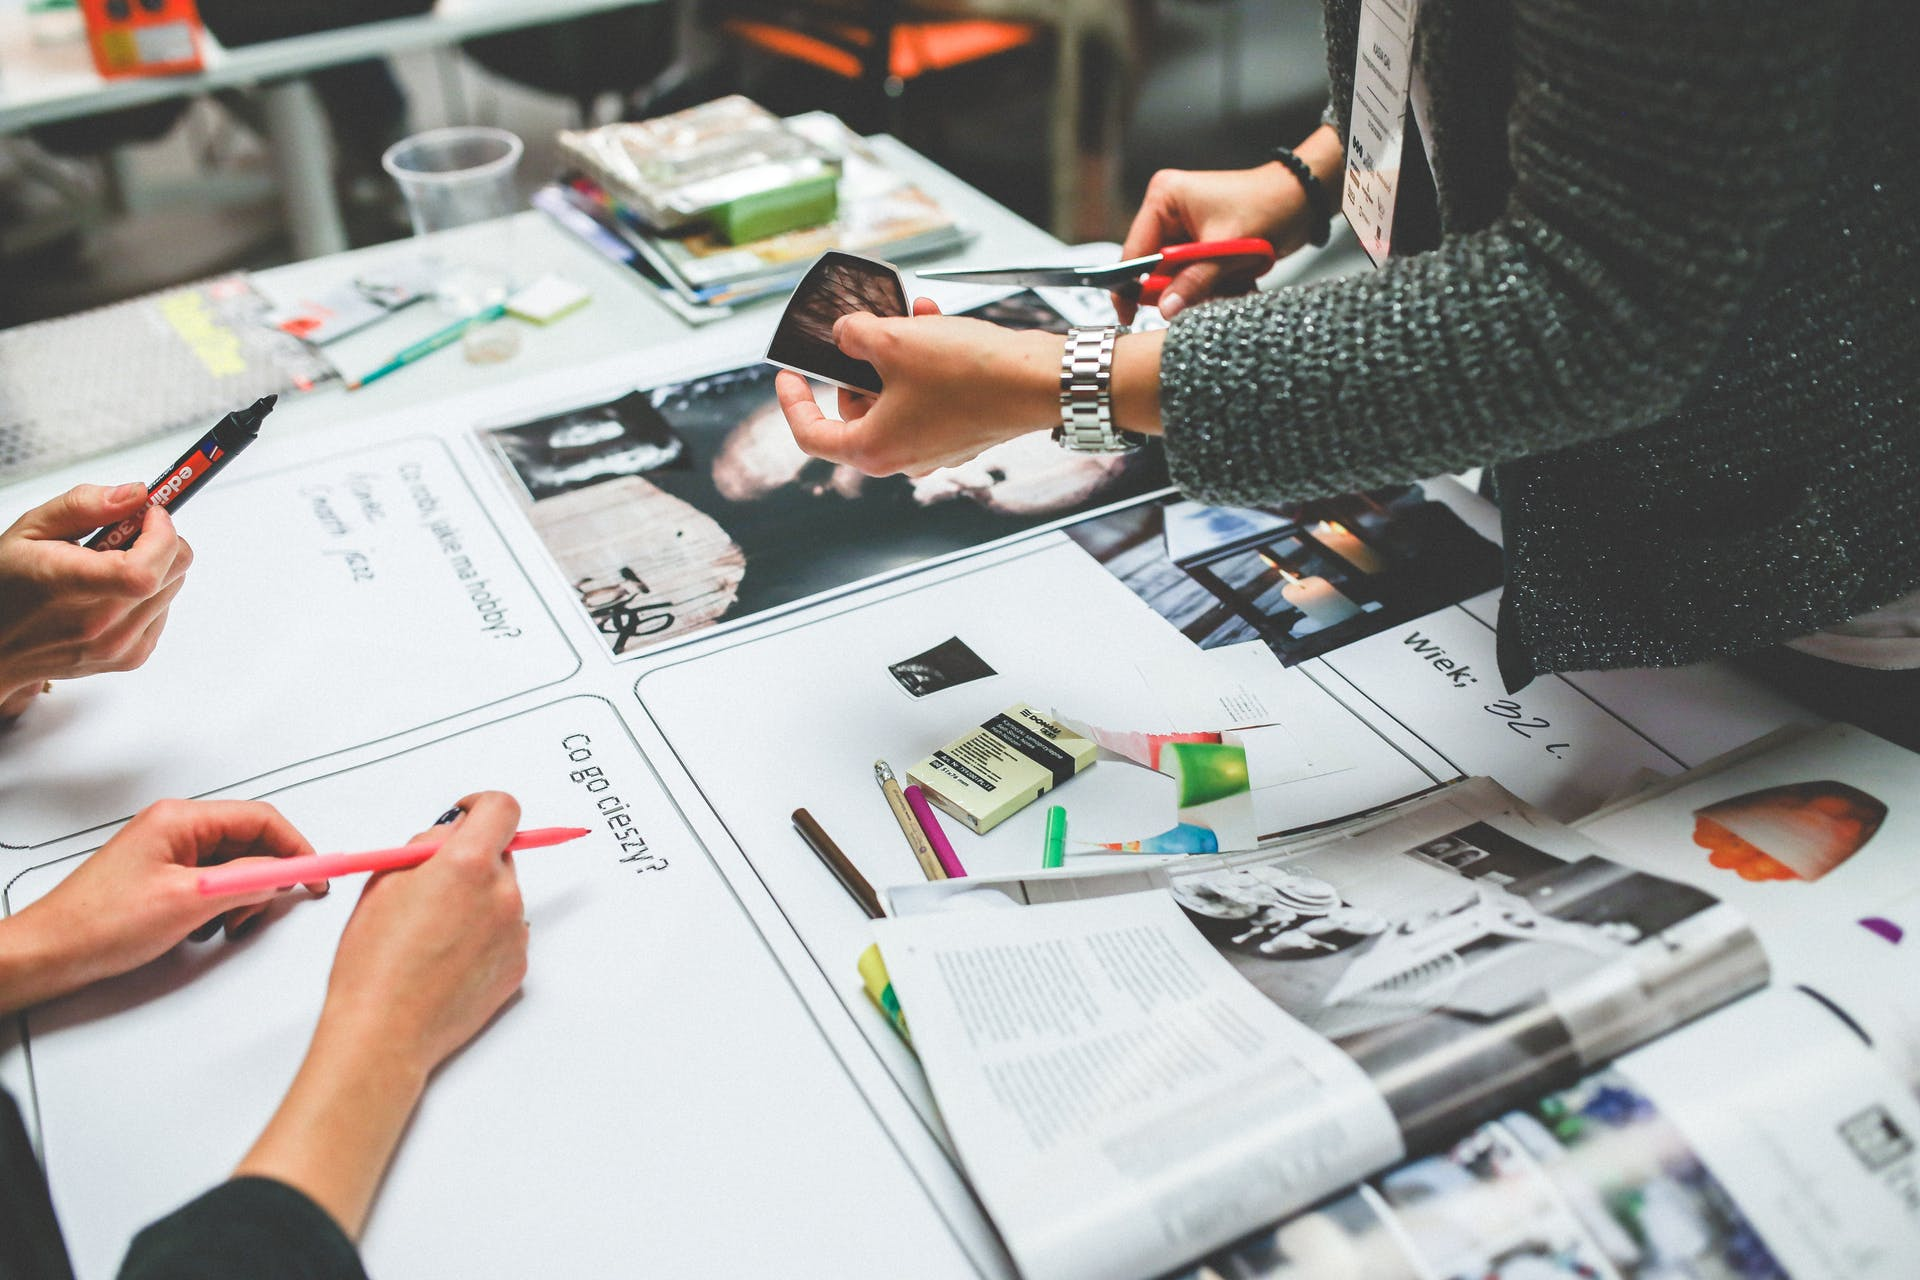 Matriz BCG: ¿cómo utilizarla para ver a mi negocio despegar?